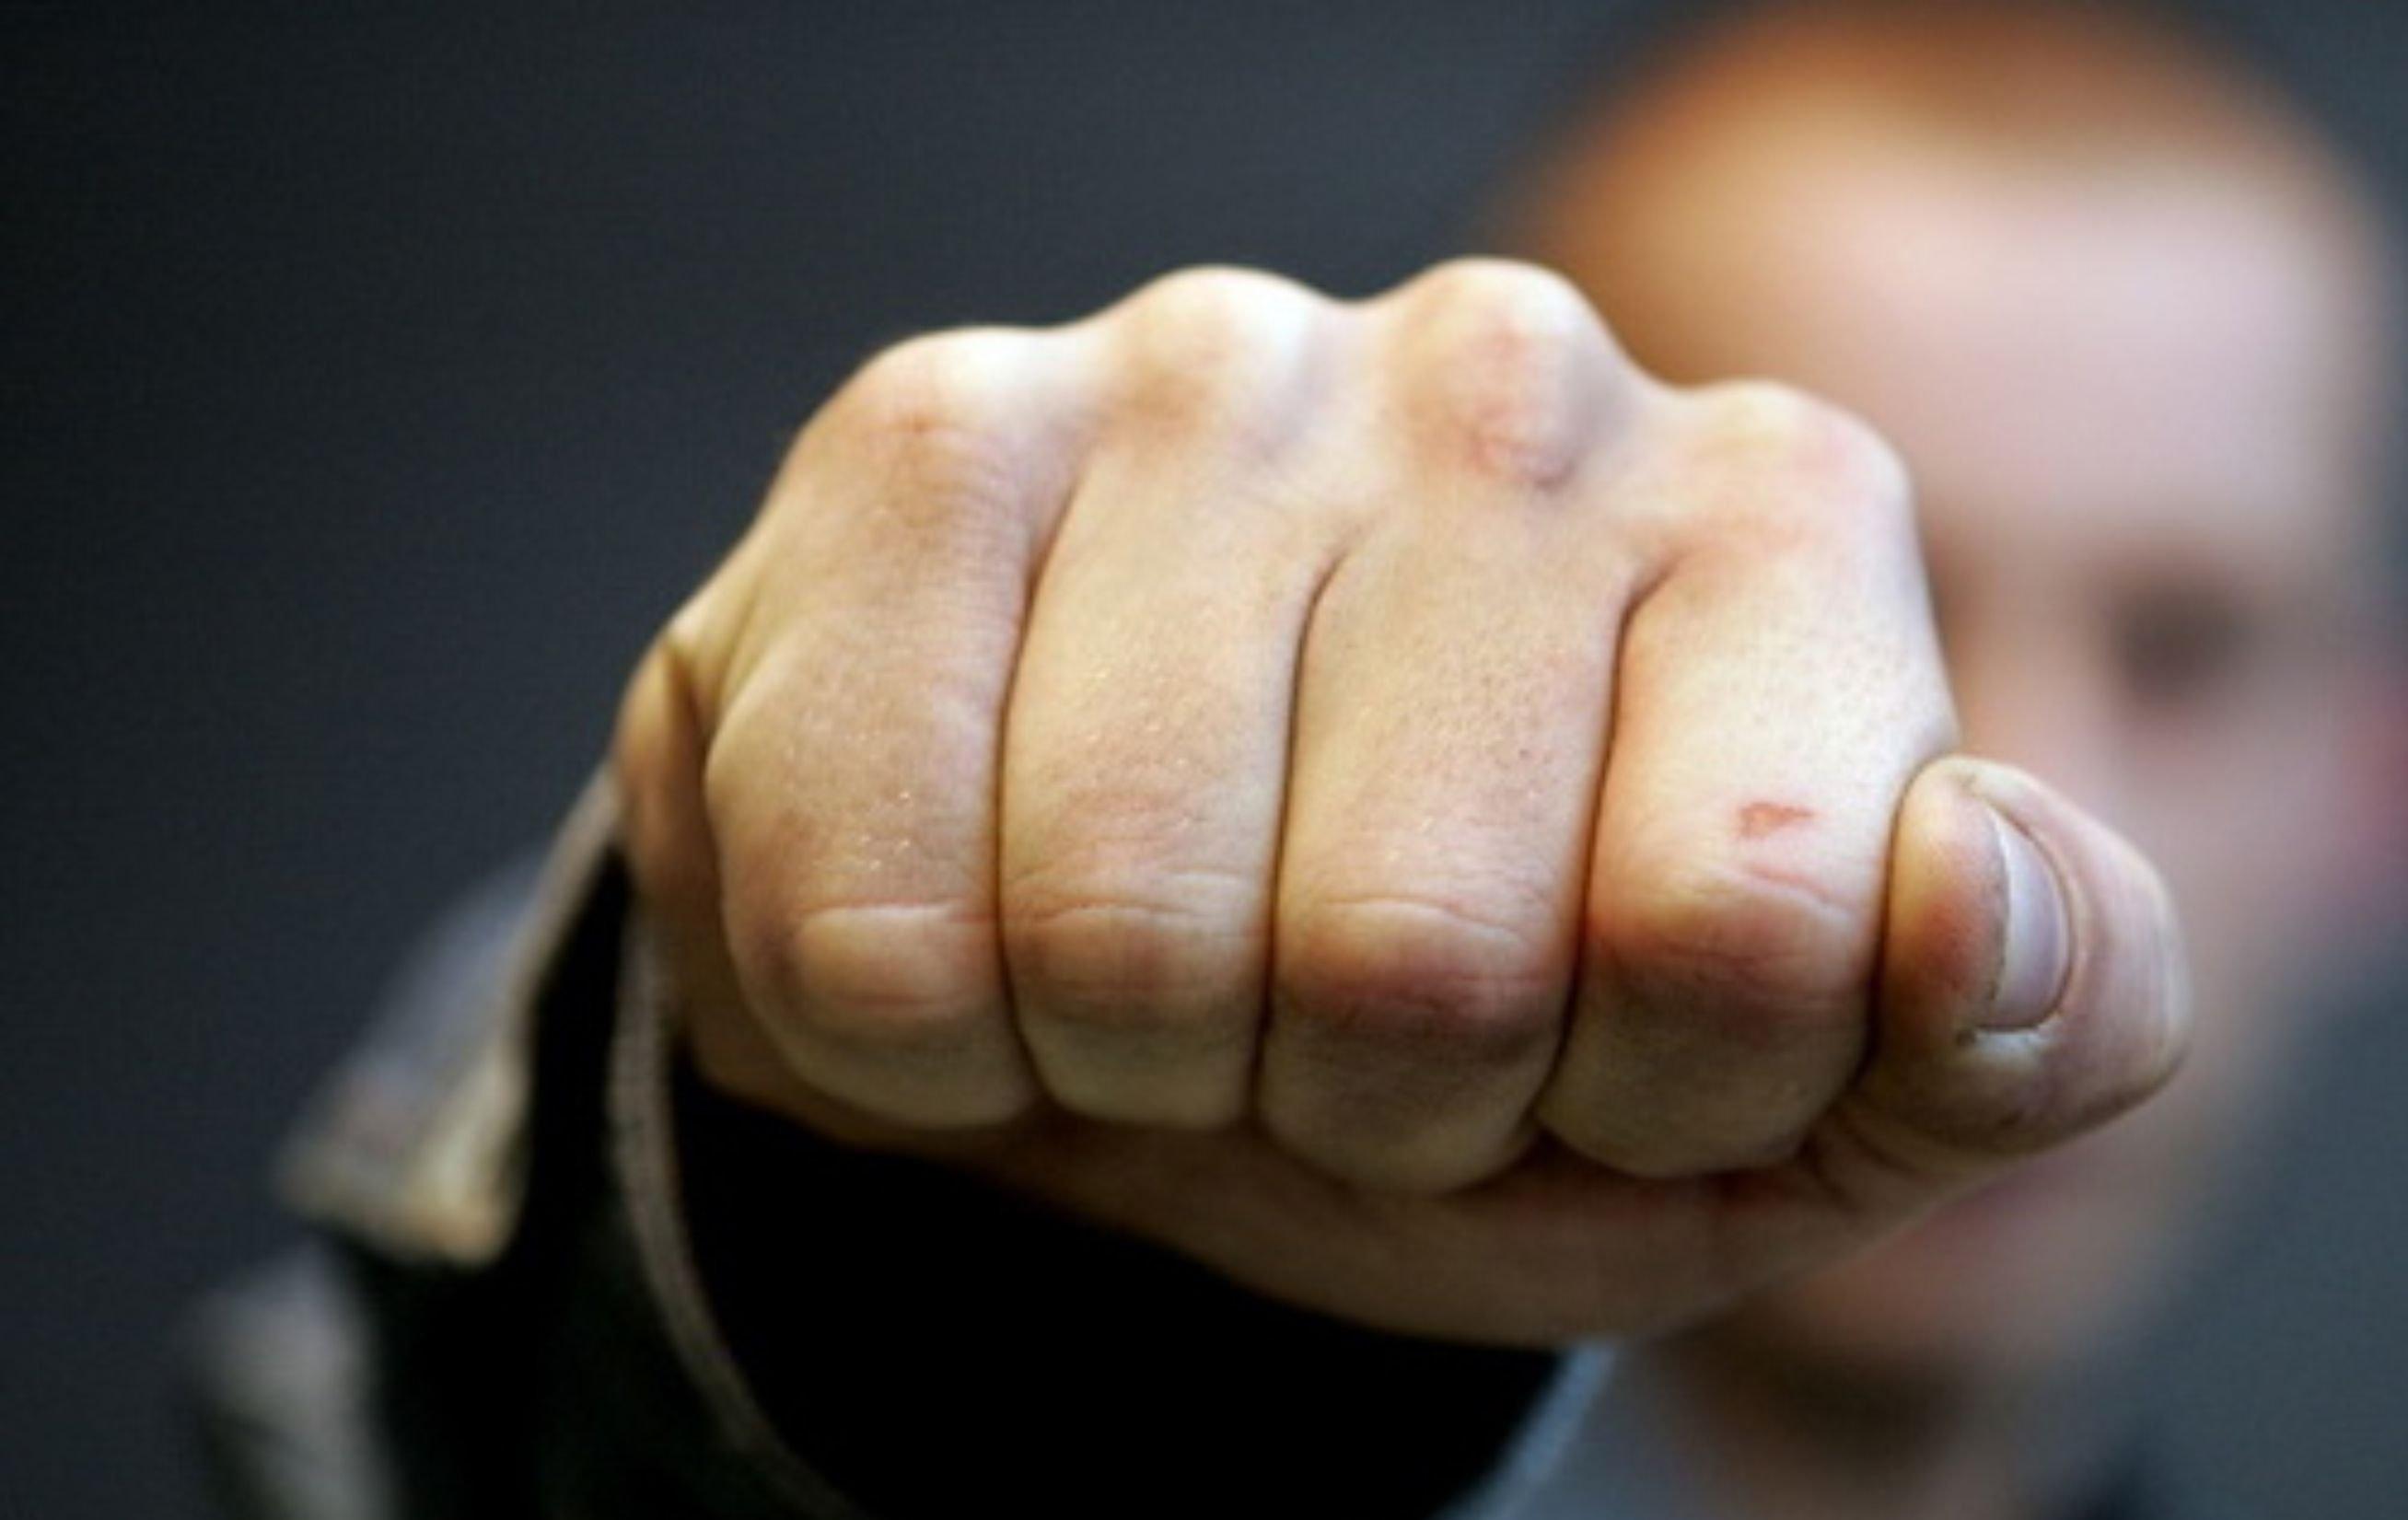 В Запорожье до потери памяти избили мужчину: полиция задержала злоумышленника - ФОТО